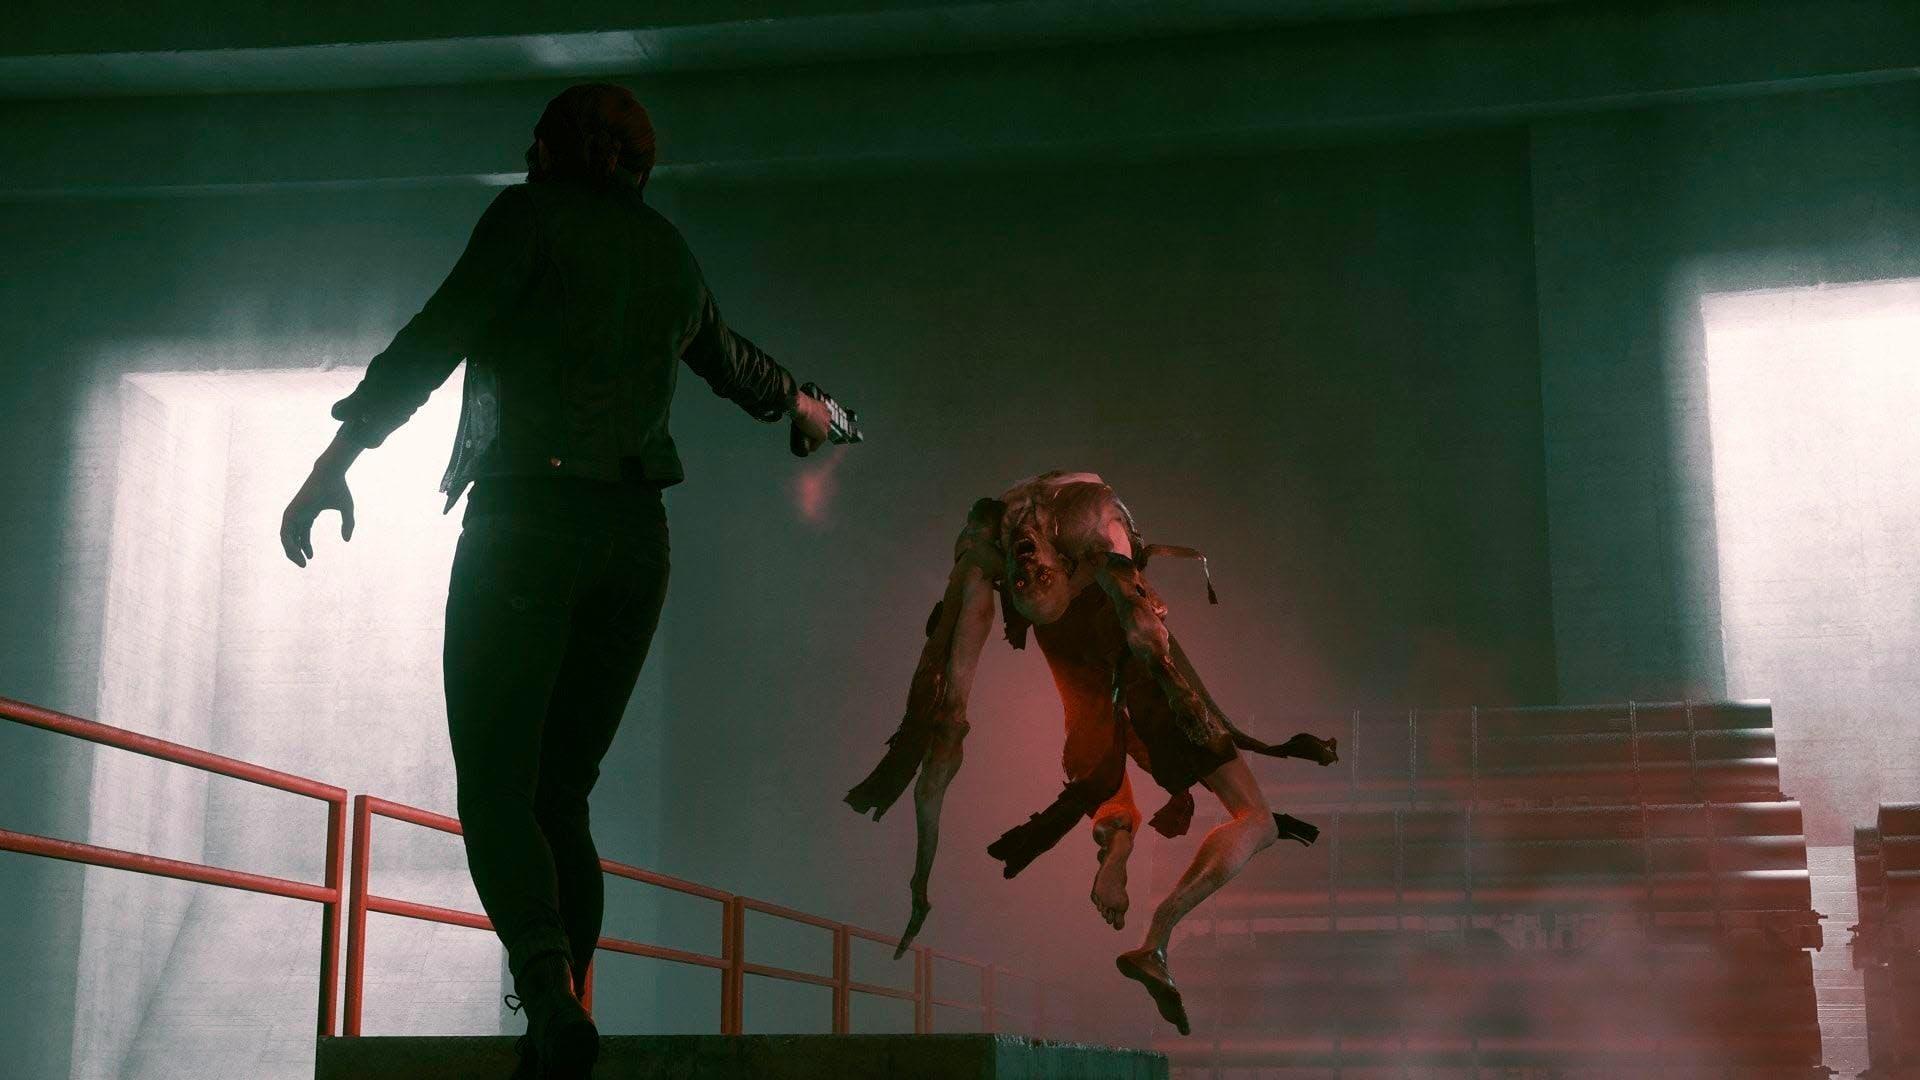 La expansión AWE para Control debuta con un primer gameplay 6